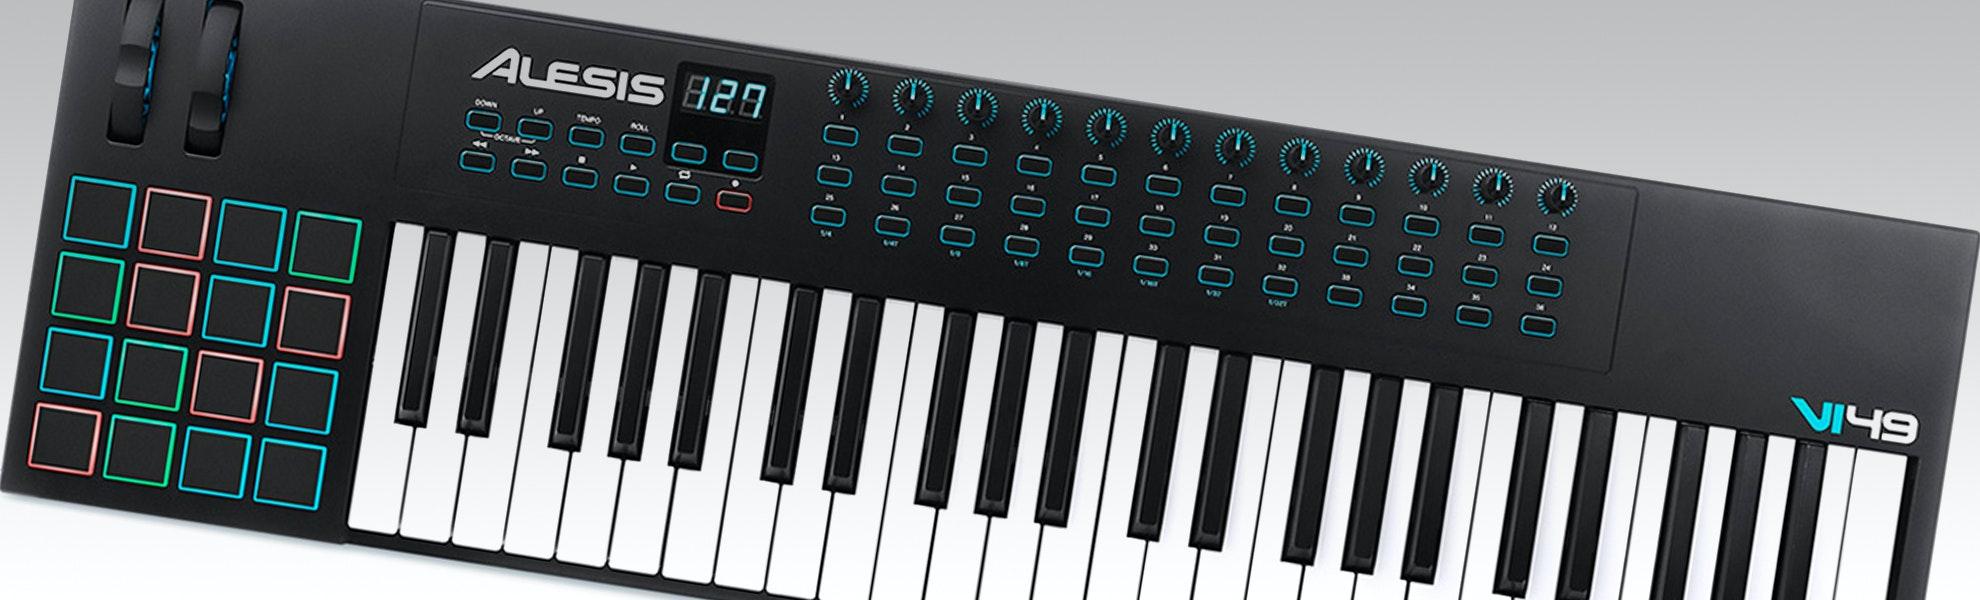 Alesis VI49 MIDI Controller